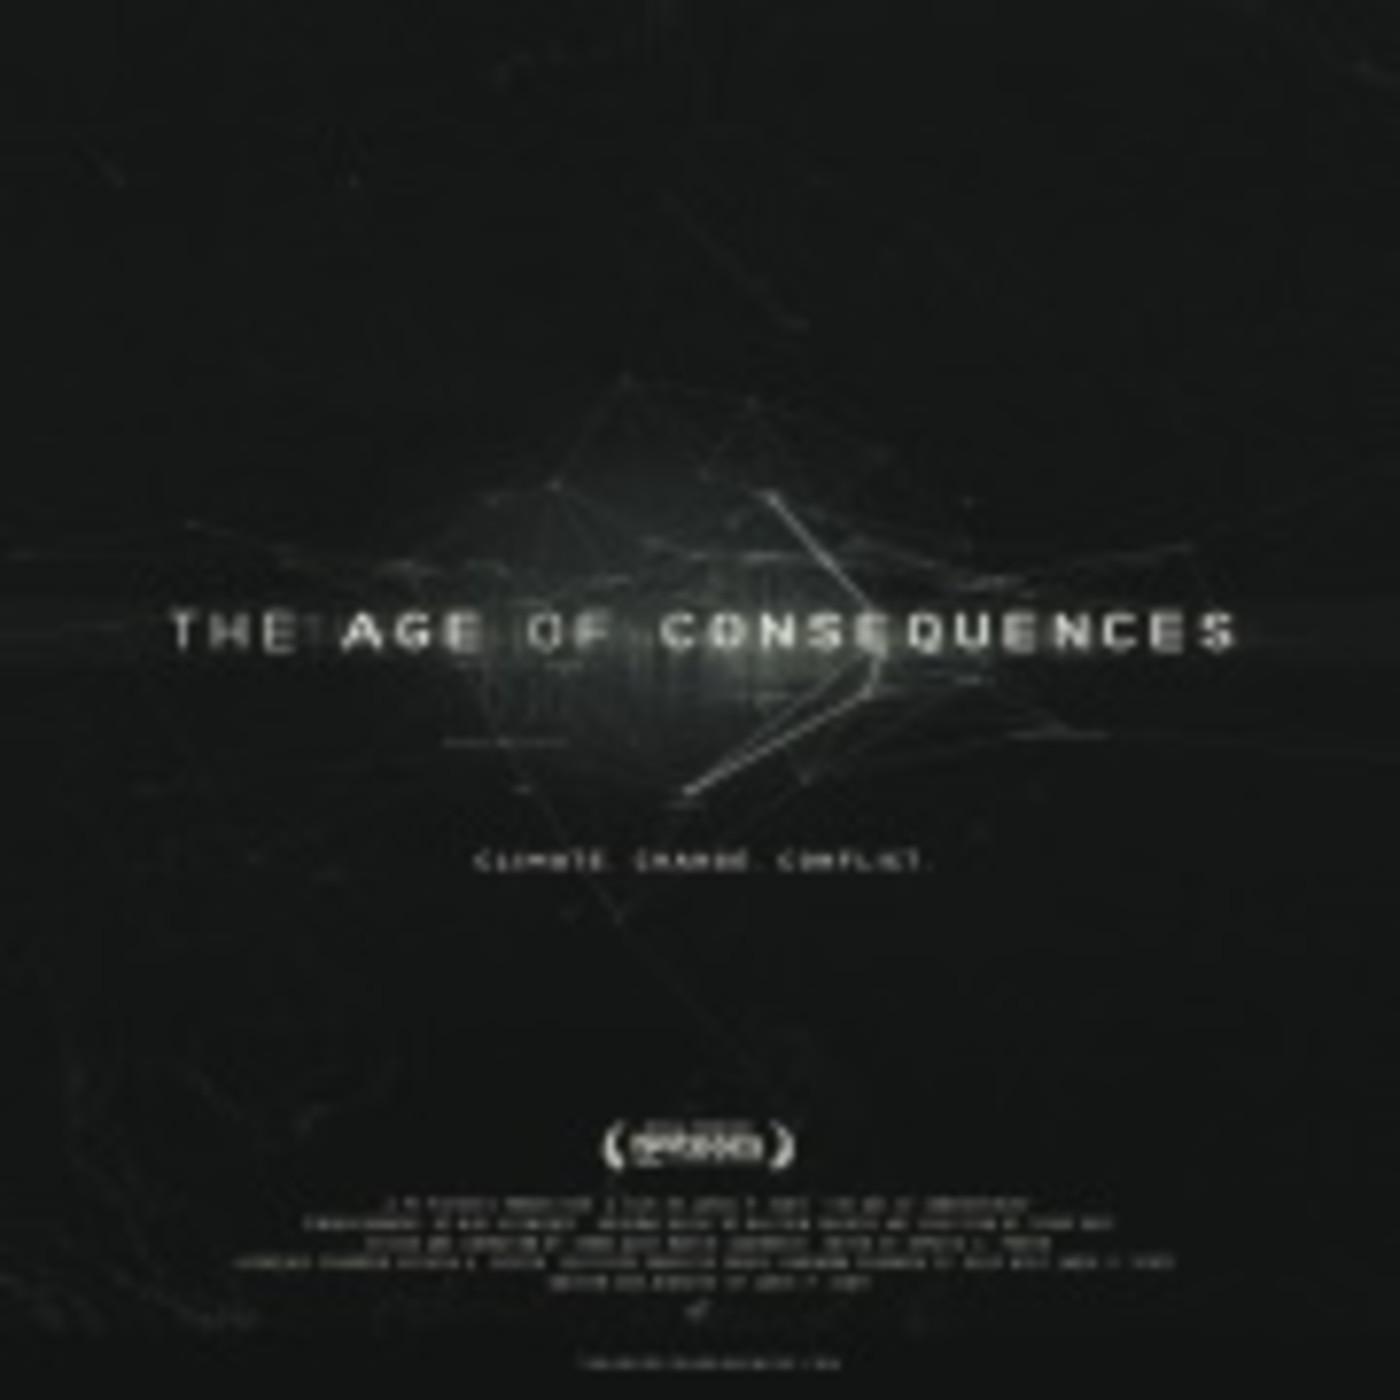 La edad de las consecuencias